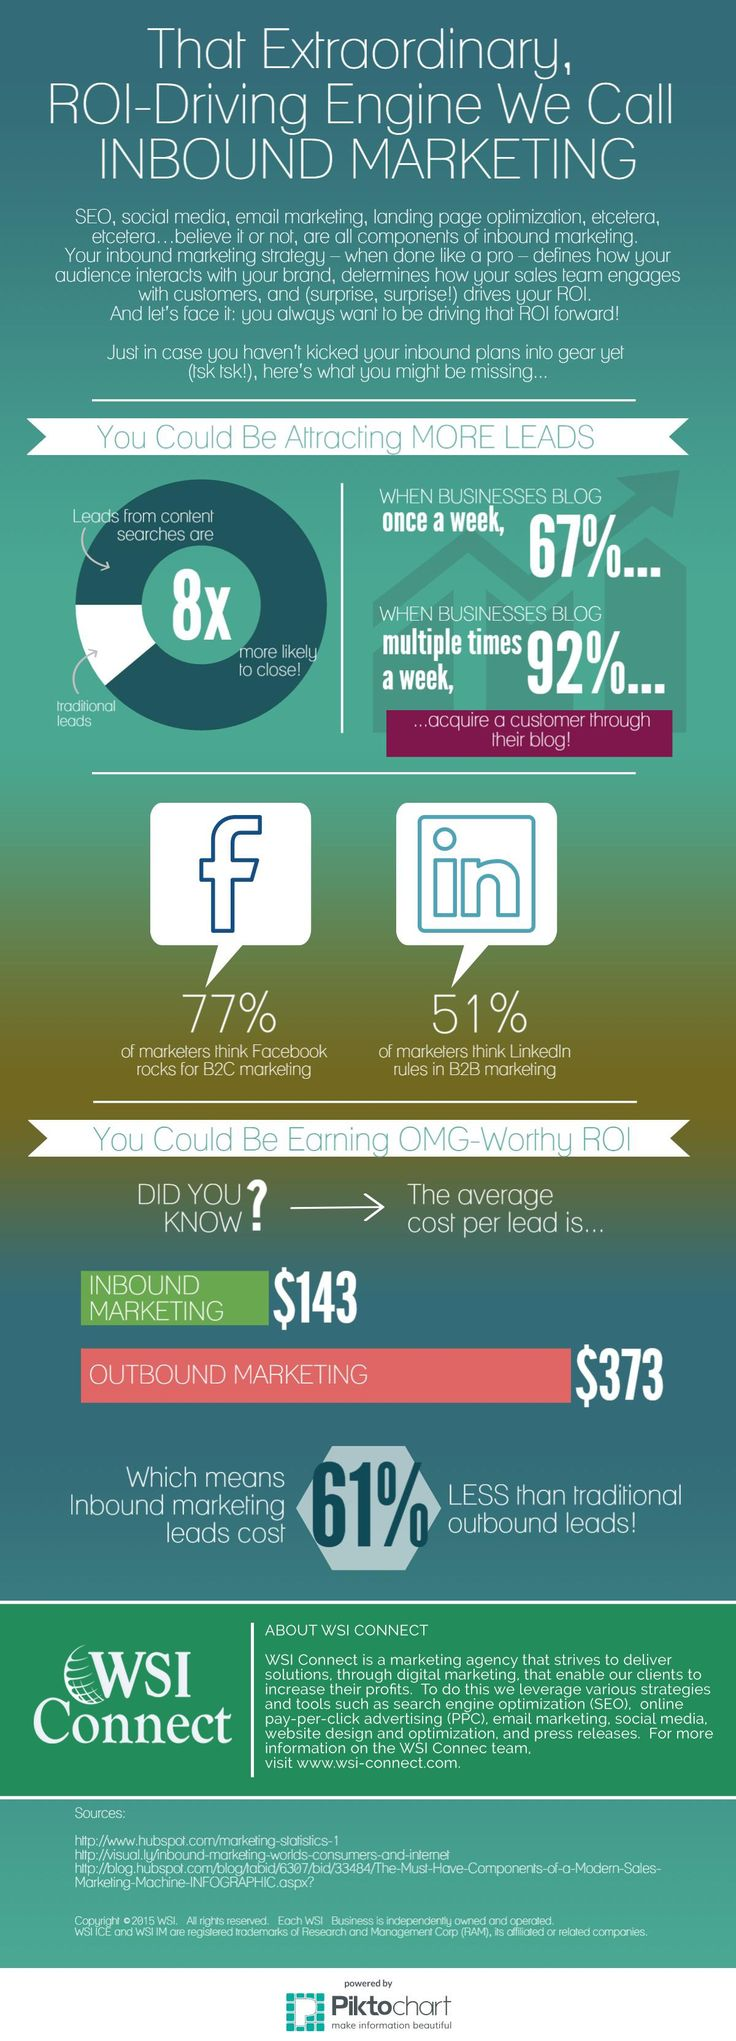 50 best Inbound Marketing images on Pinterest   Inbound marketing ...